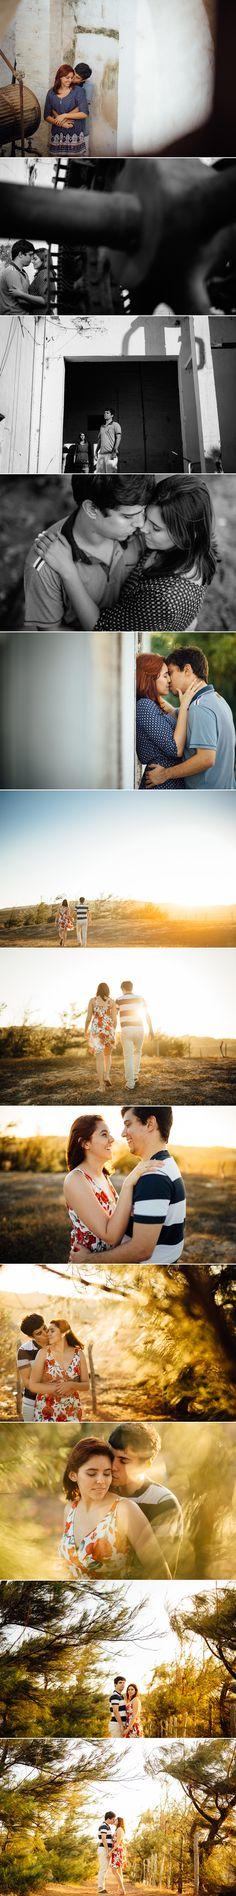 fotos de casal no por do sol. ideias engagement session, fotógrafo de casamento na praia, arthur rosa.